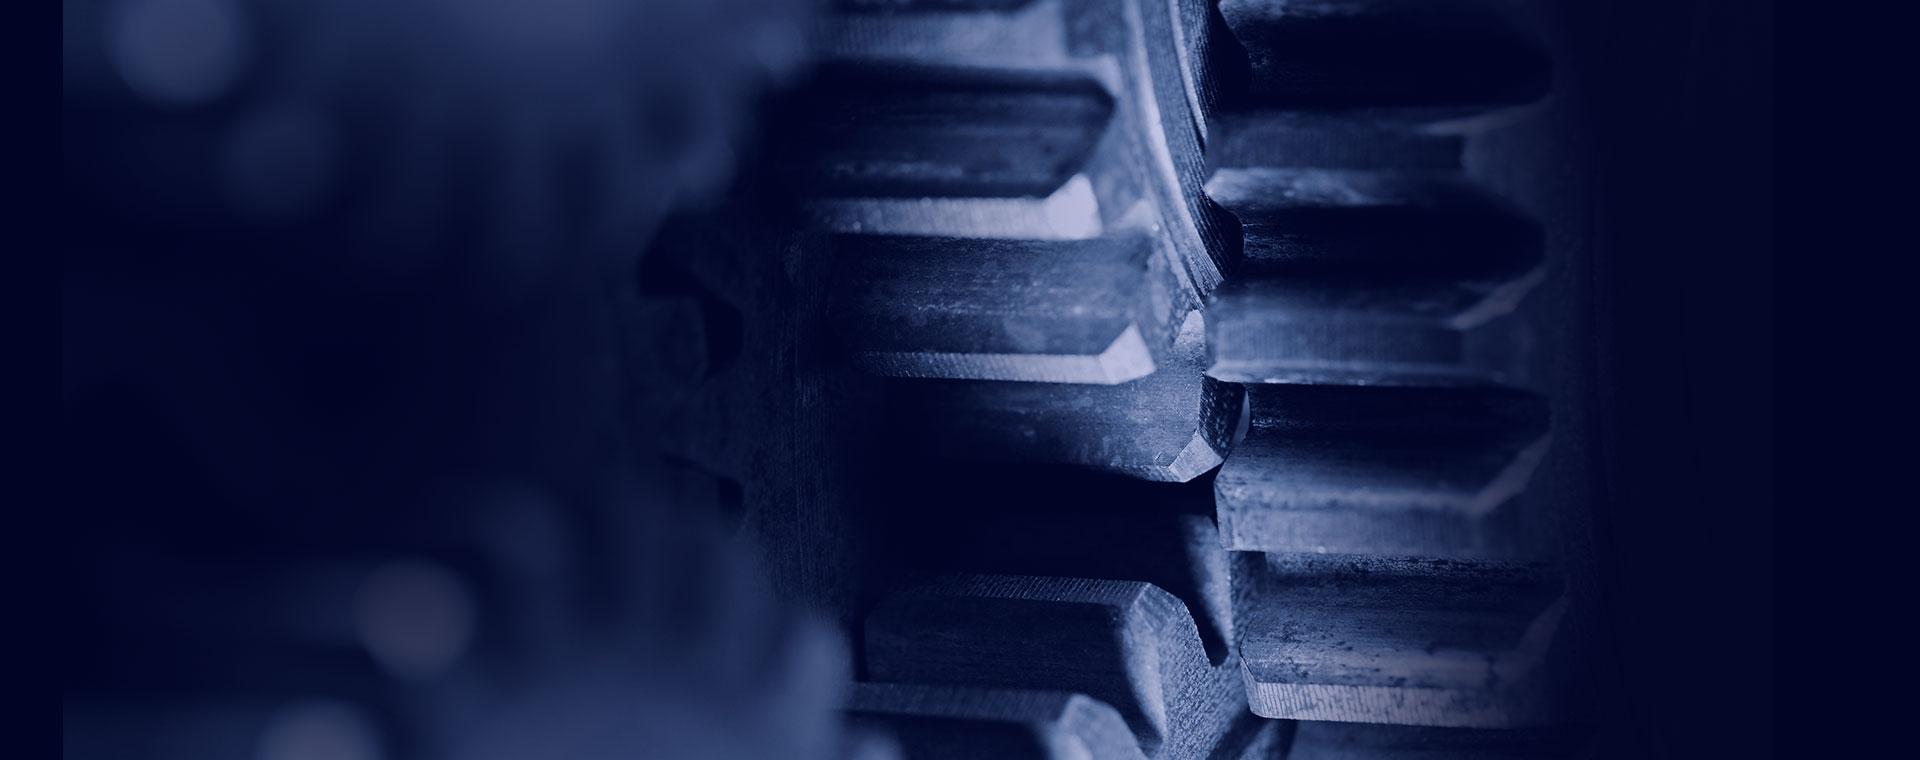 Stein Maschinenbau